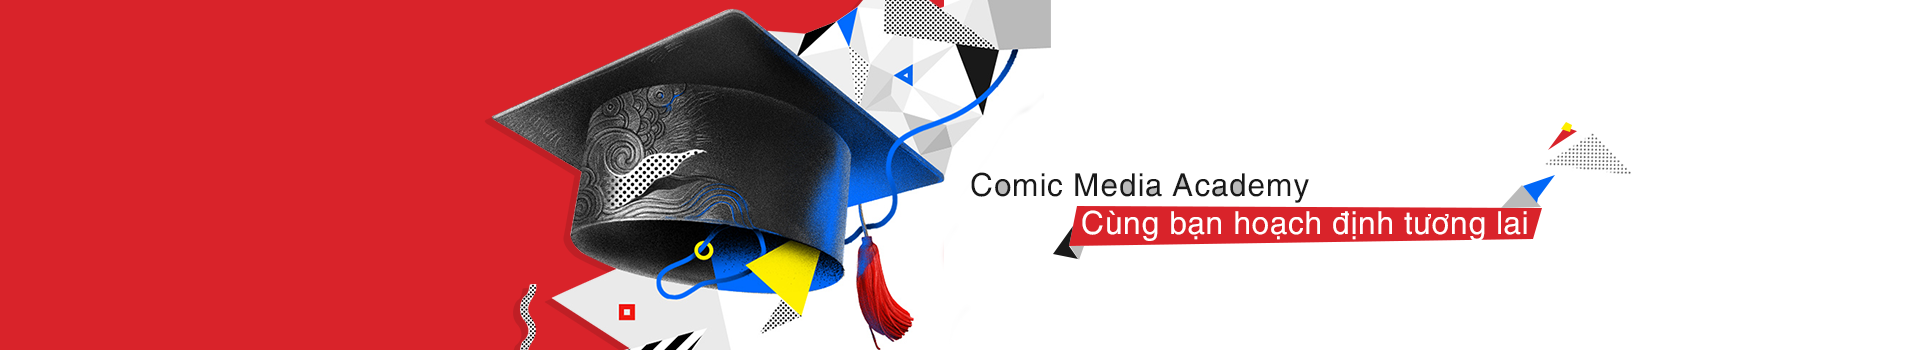 Comic Media Academy - Cùng bạn hoạch định tương lai